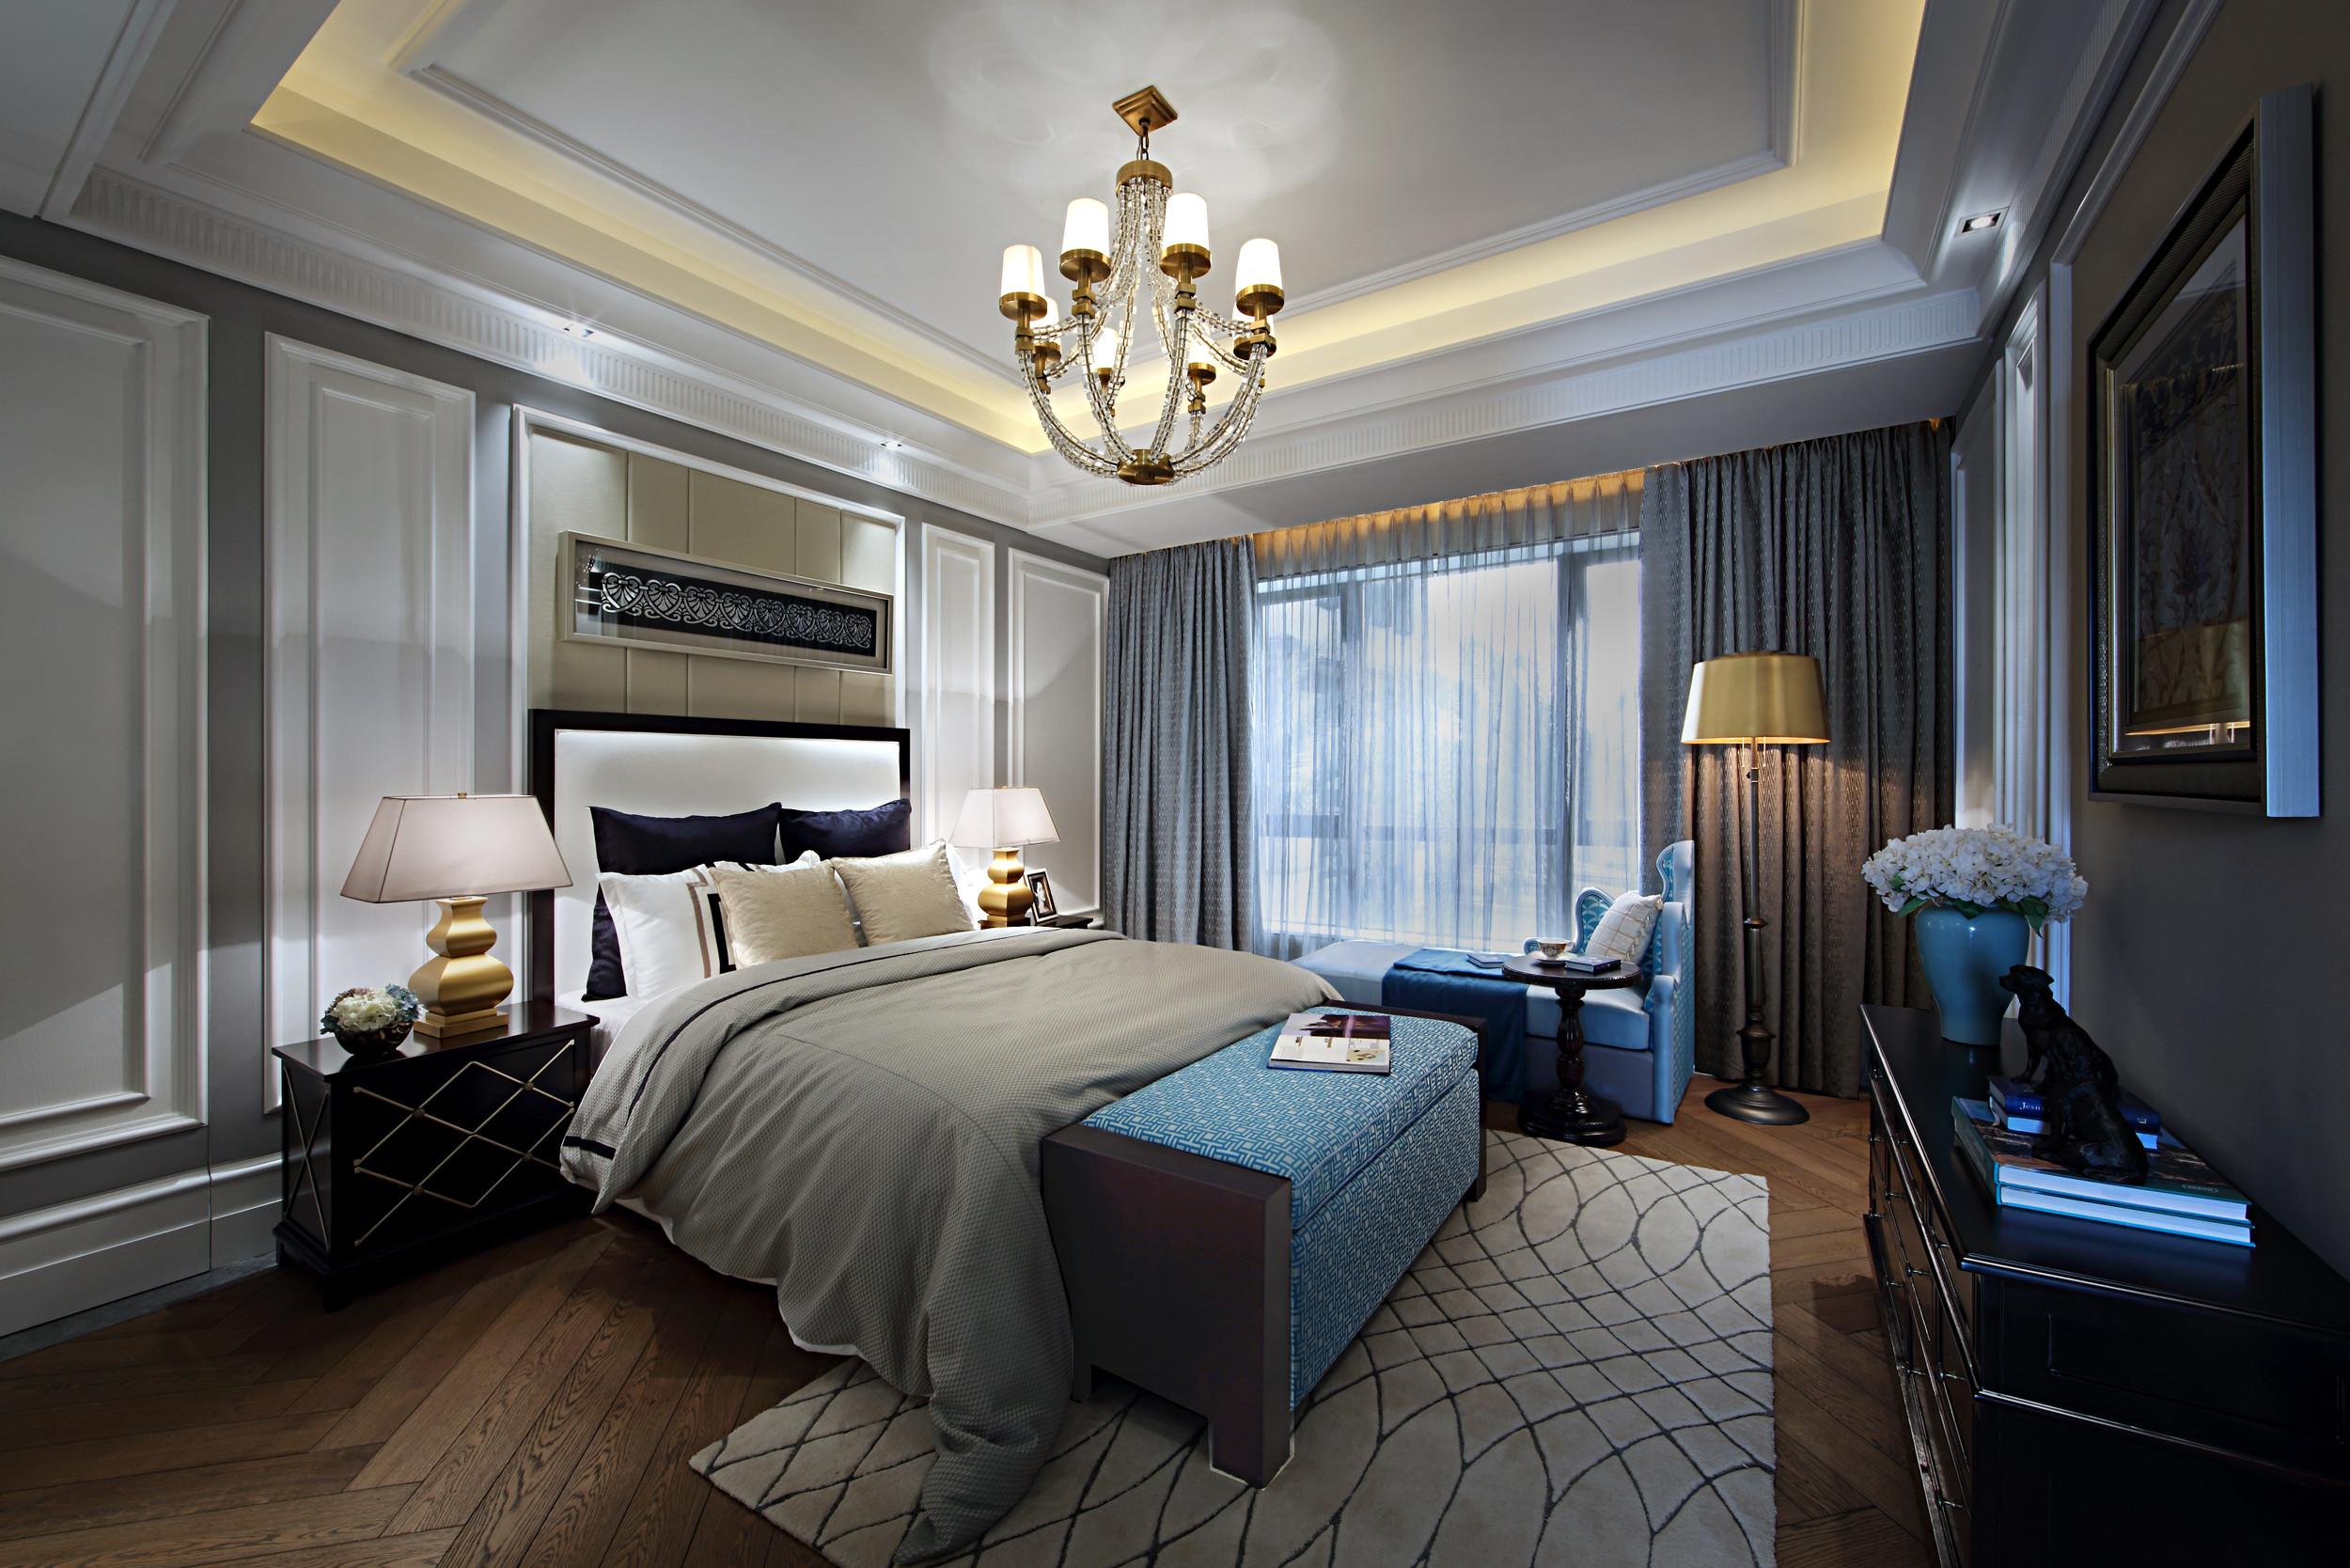 欧式风格公寓奢华豪华型厨房橱柜设计图纸